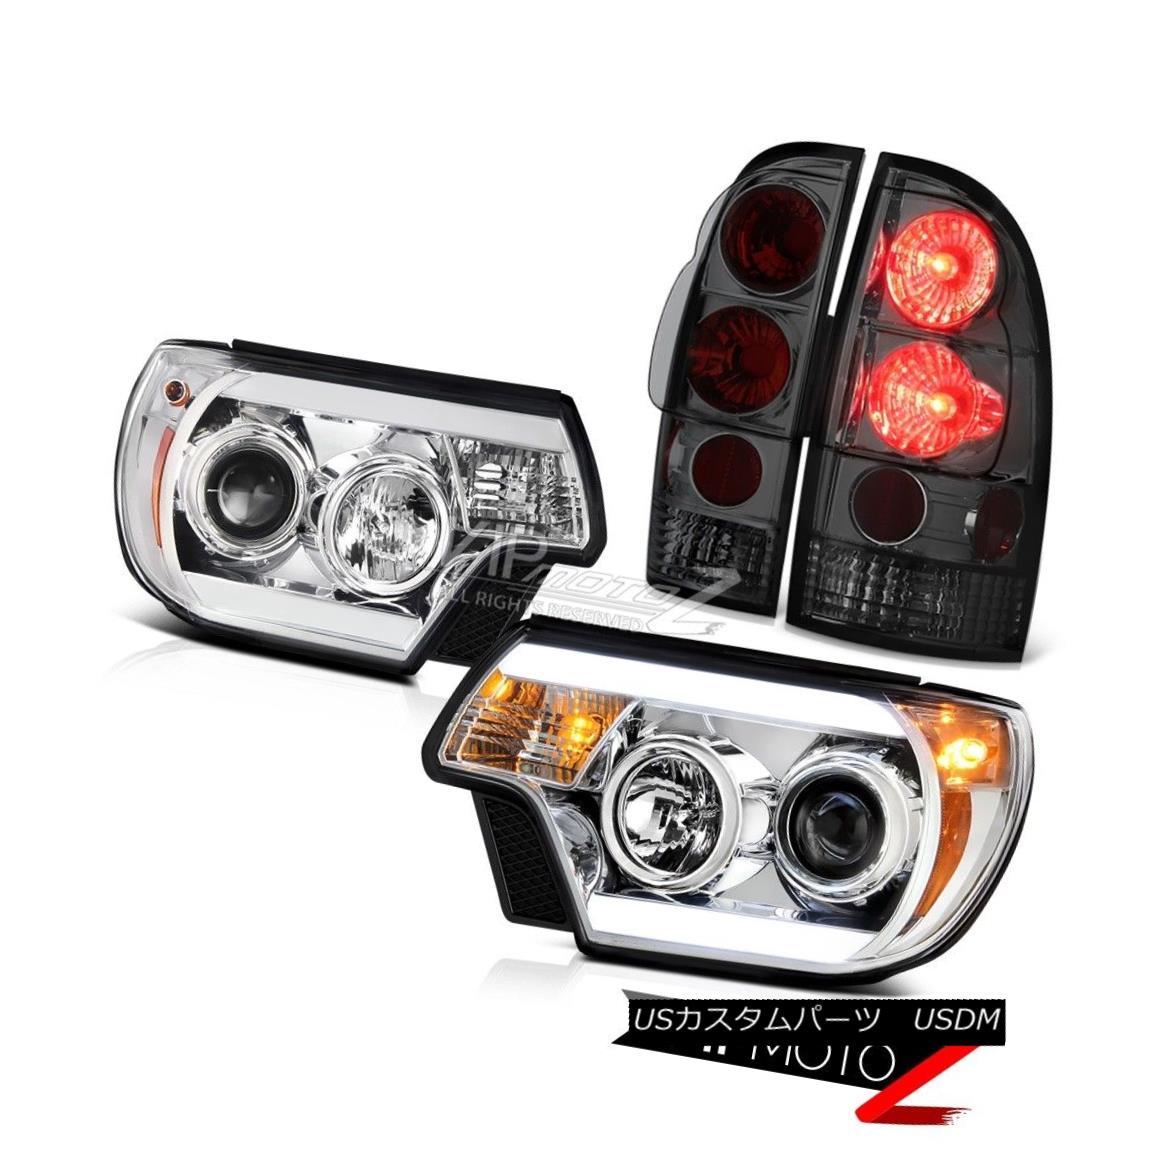 テールライト 12-15 Toyota Tacoma TRD Pro Headlights smokey tail lamps Light Bar Tron Style 12-15トヨタタコマTRDプロヘッドライトスモーテールランプライトバートロンスタイル